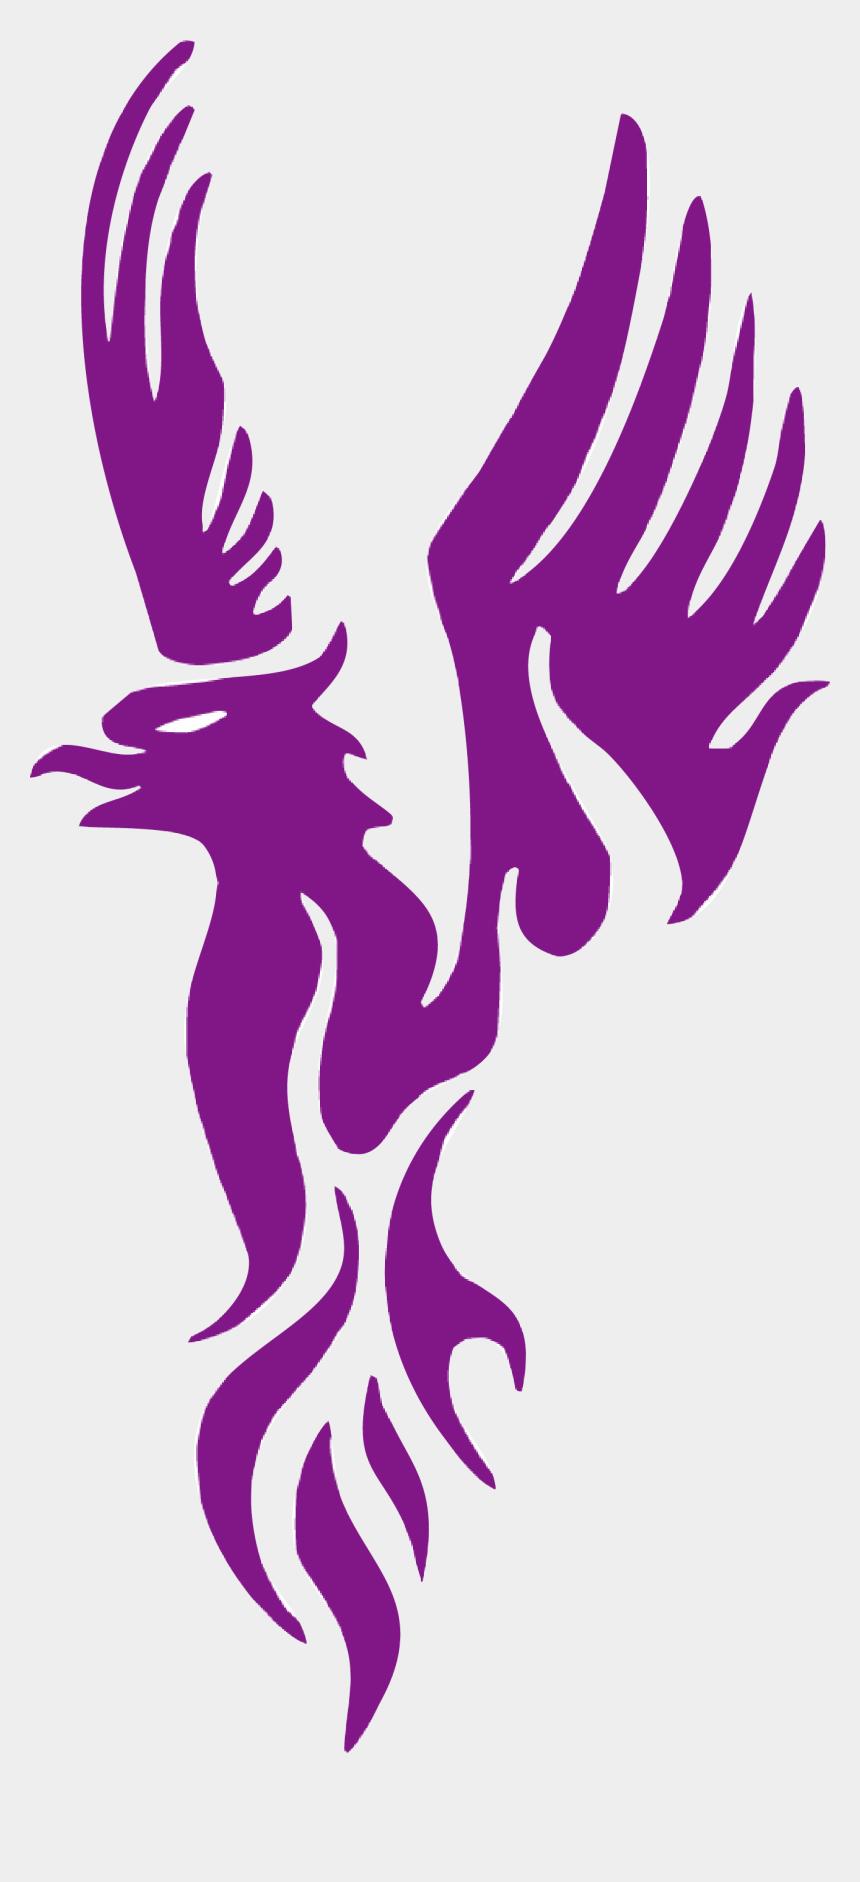 purple bird clipart, Cartoons - Lion Sigma Alpha Epsilon Clip Art